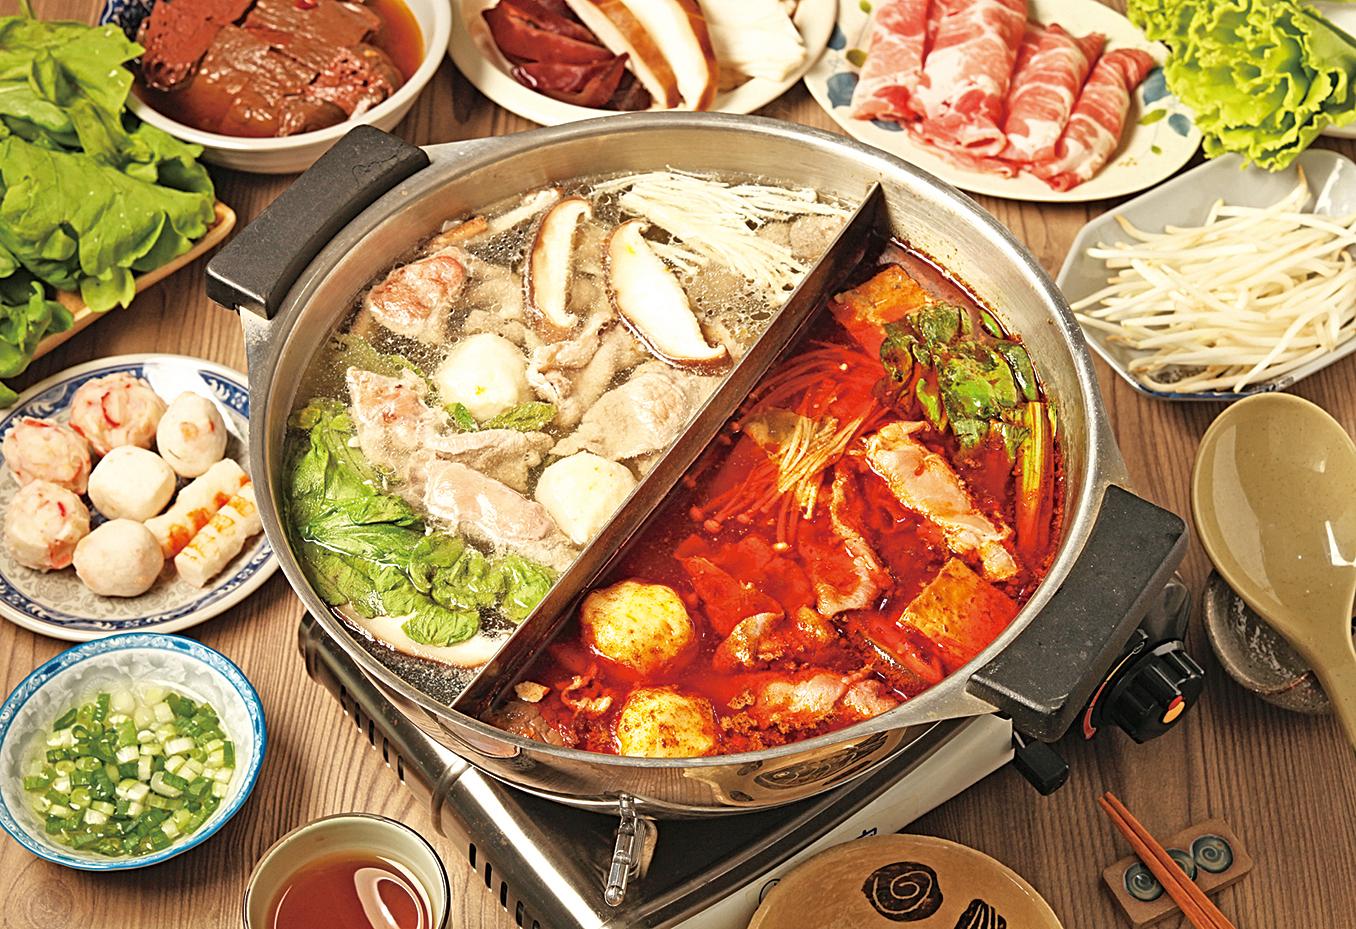 冬天必備的麻辣鍋,湯底,火鍋料屬於高油,太常吃身體容易有負擔。